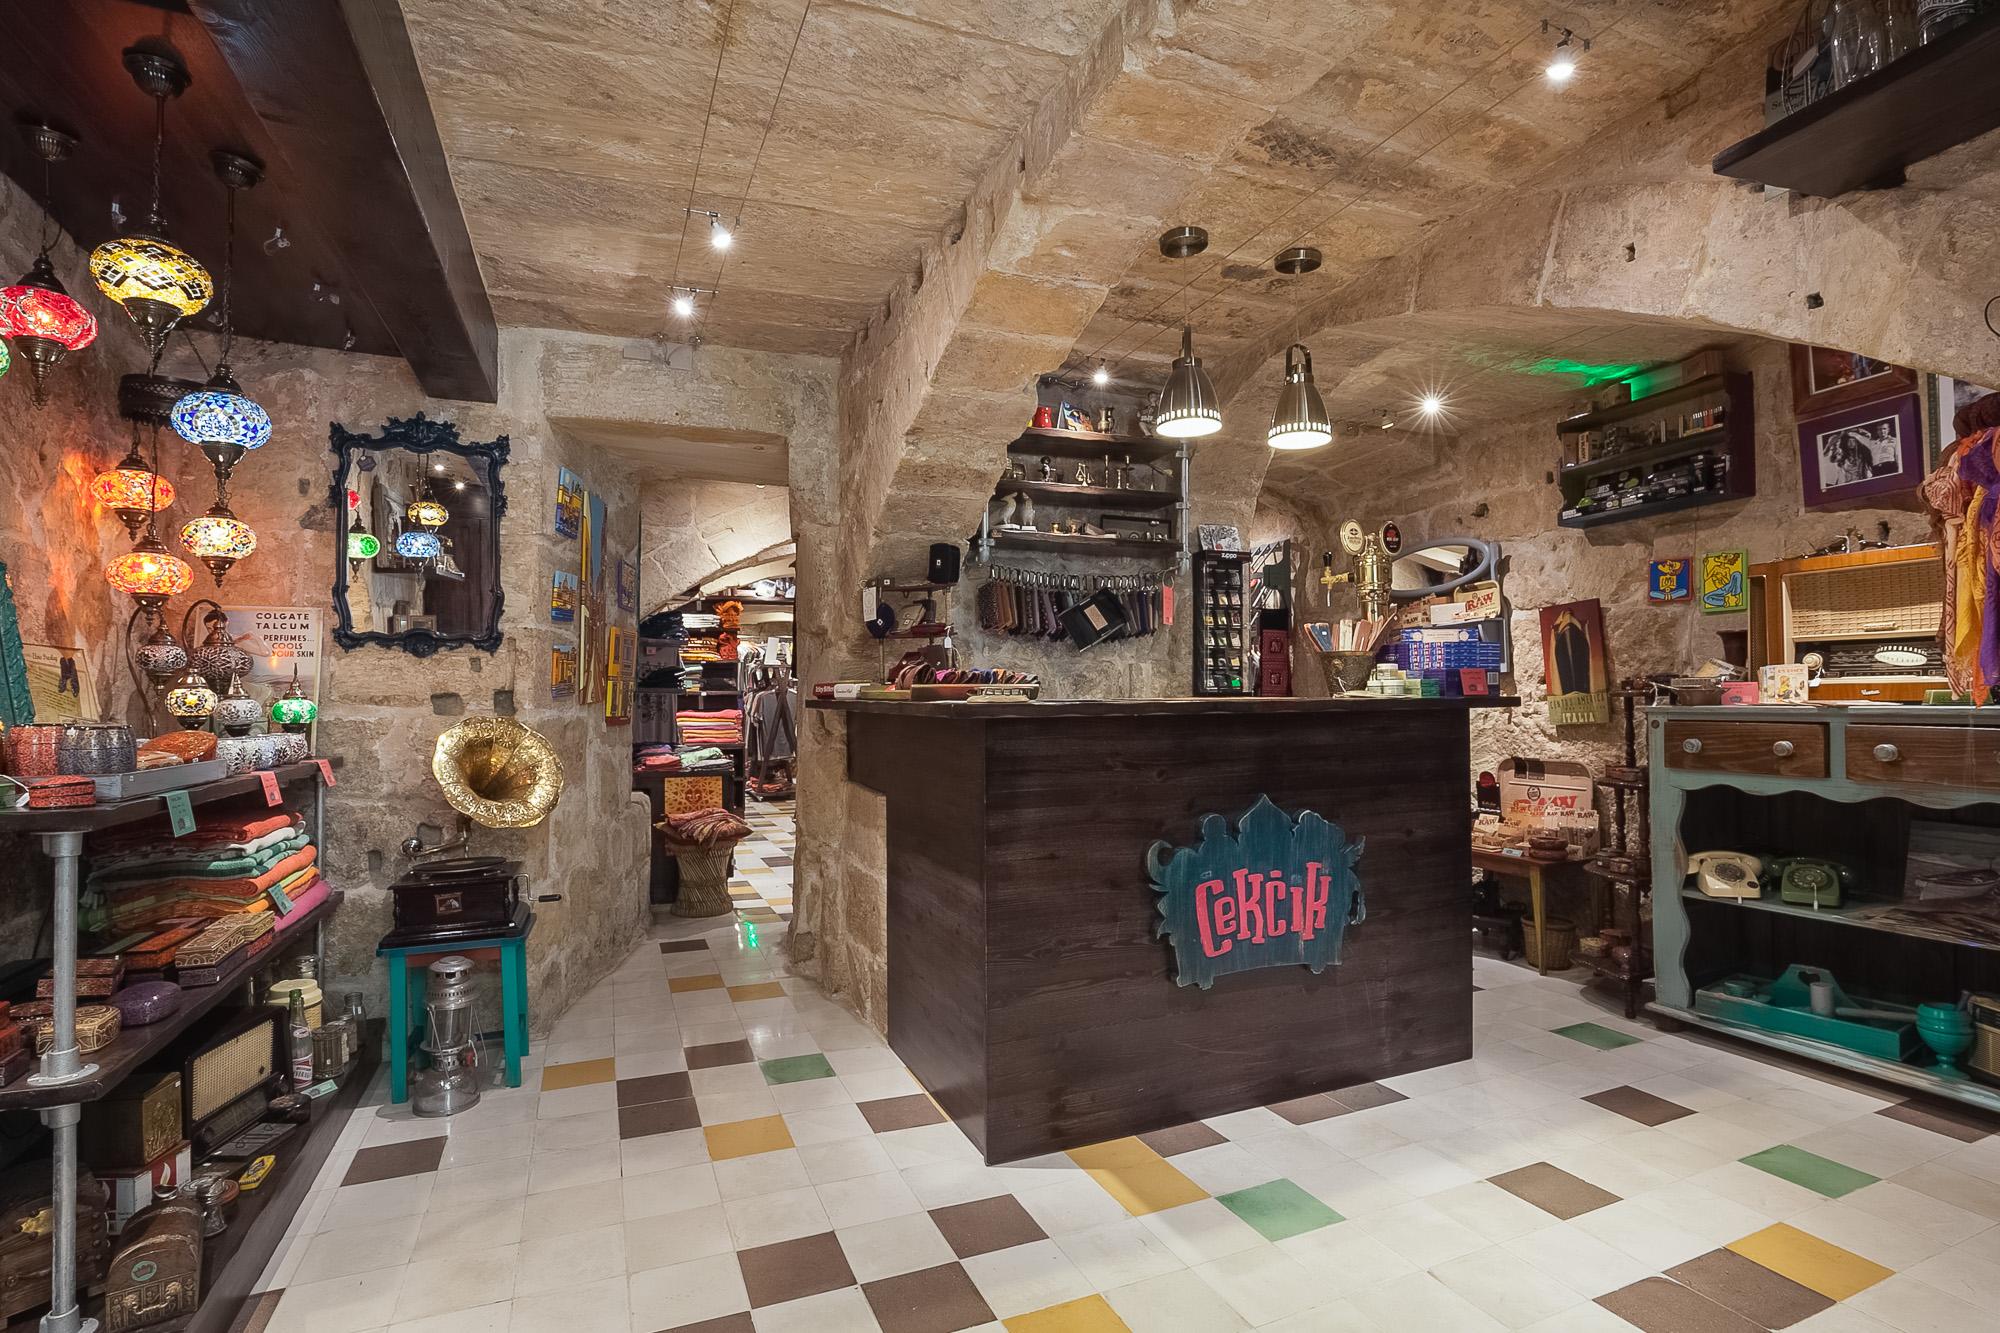 Cekcik shop in Valletta